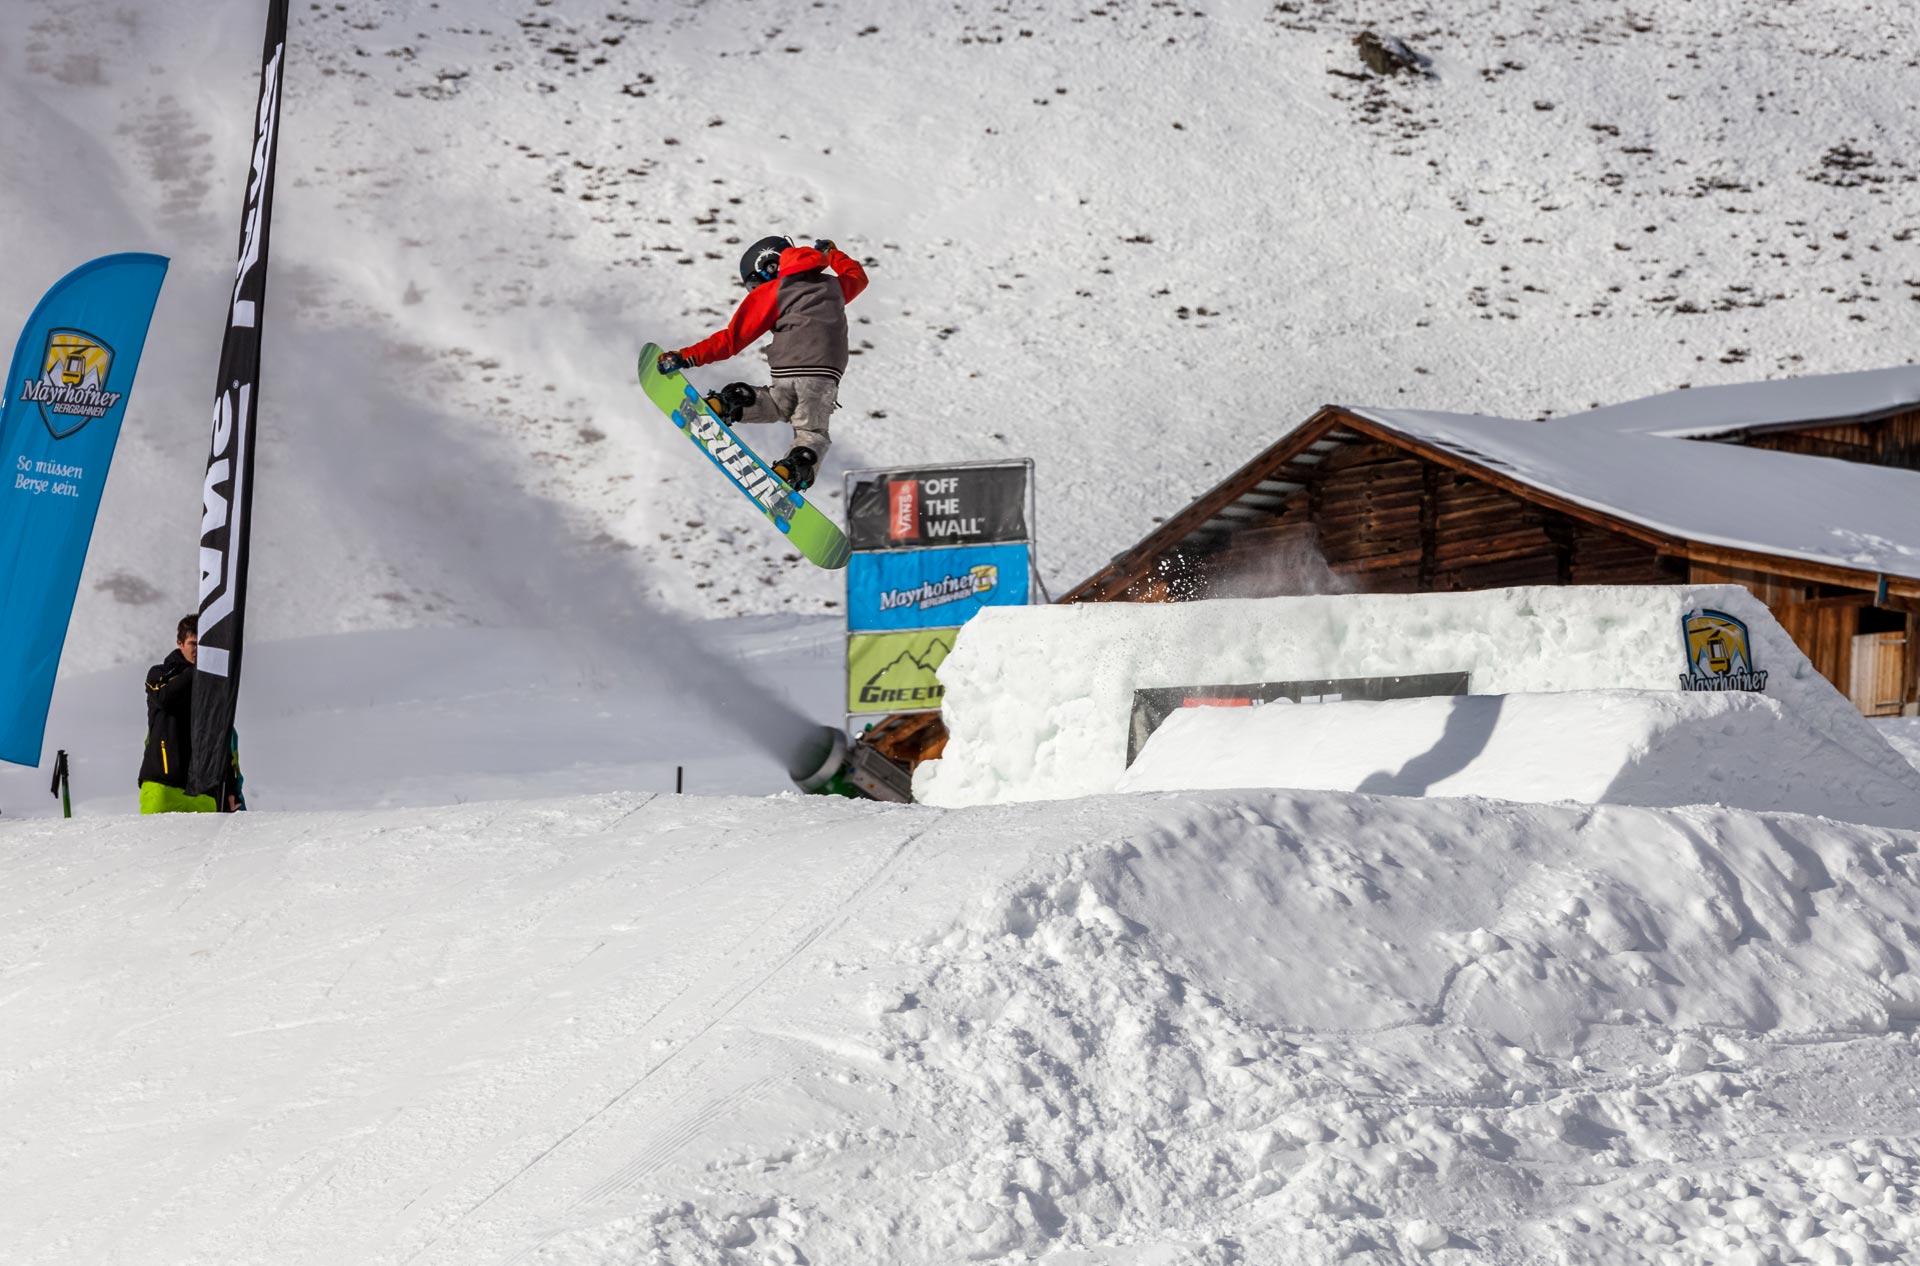 Rider: Lukas Frischut - Foto: Jasper Doppenberg